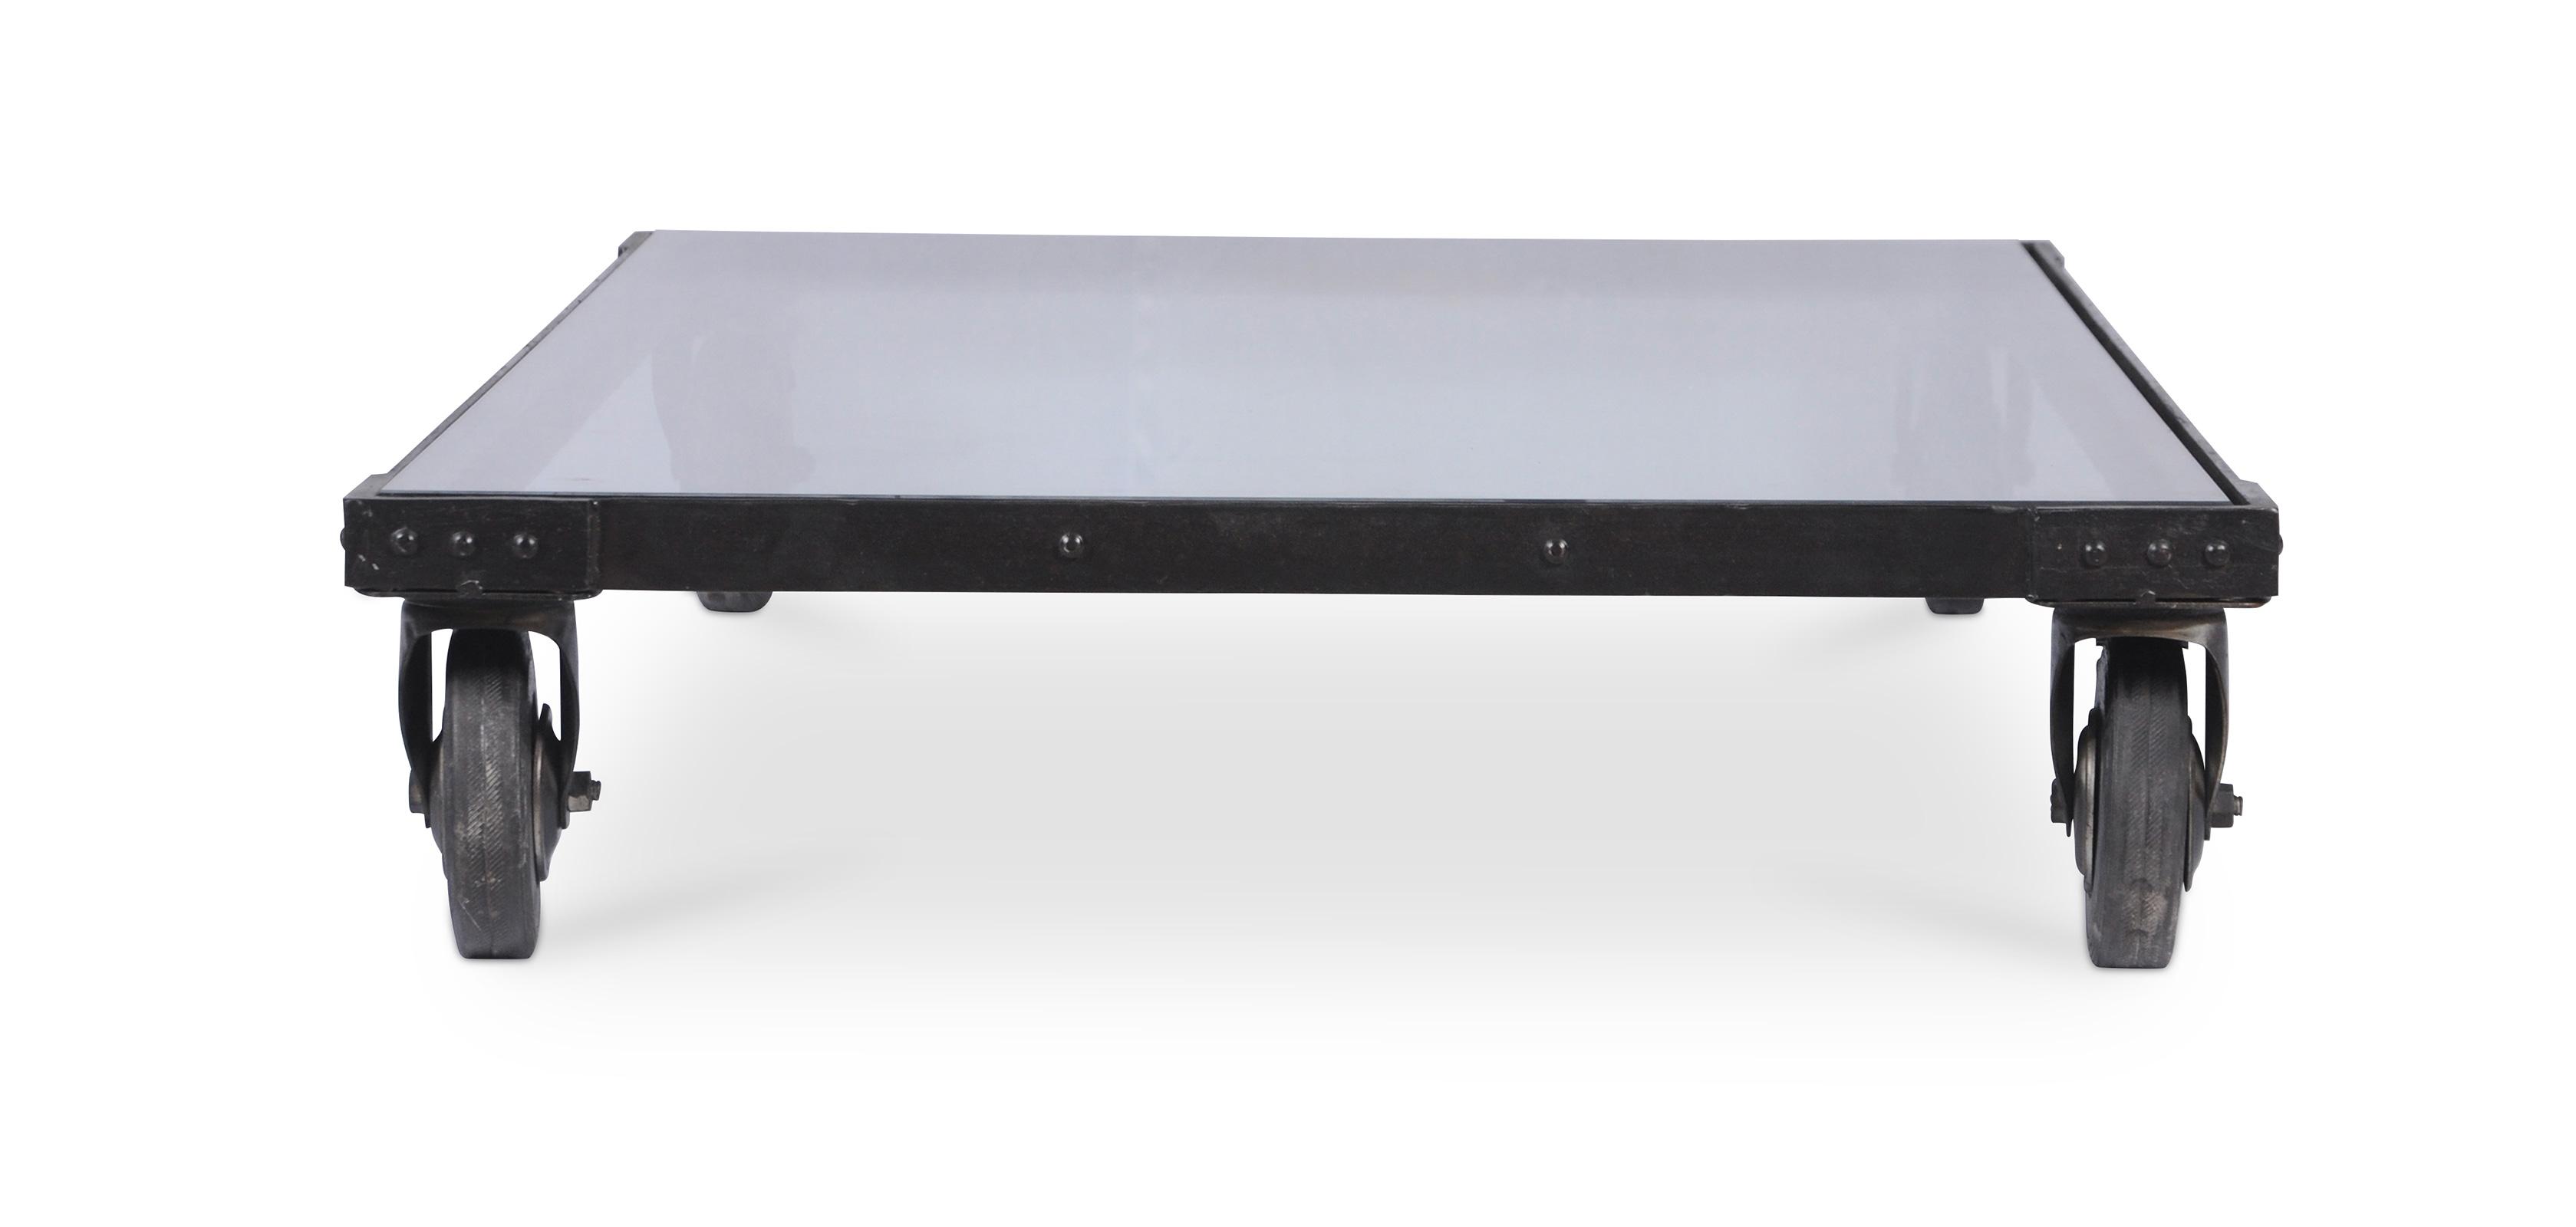 Table basse vintage industriel acier et verre - Table basse ouvrable ...